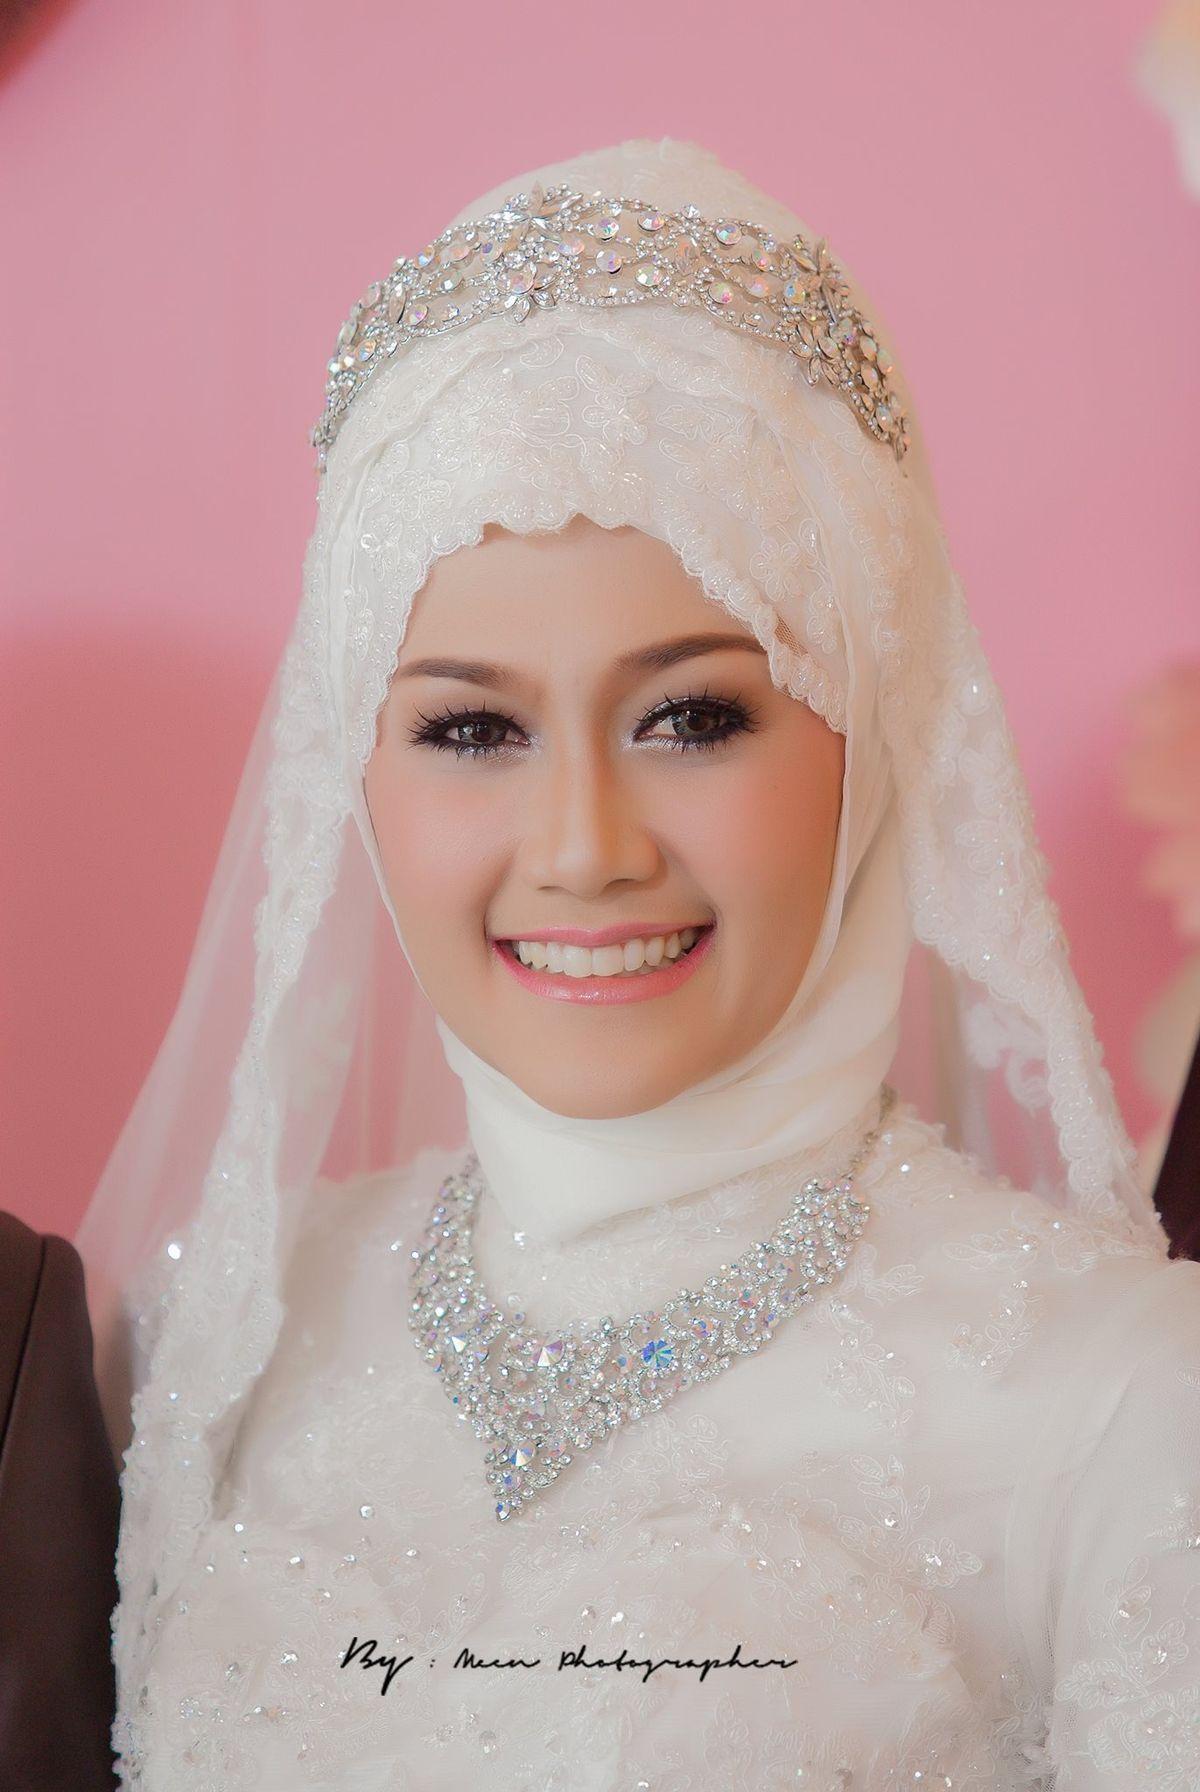 f1914238ee4a4e14131c8ef0f8ea598d.jpg 1,200×1,792 pixels | Wedding ...